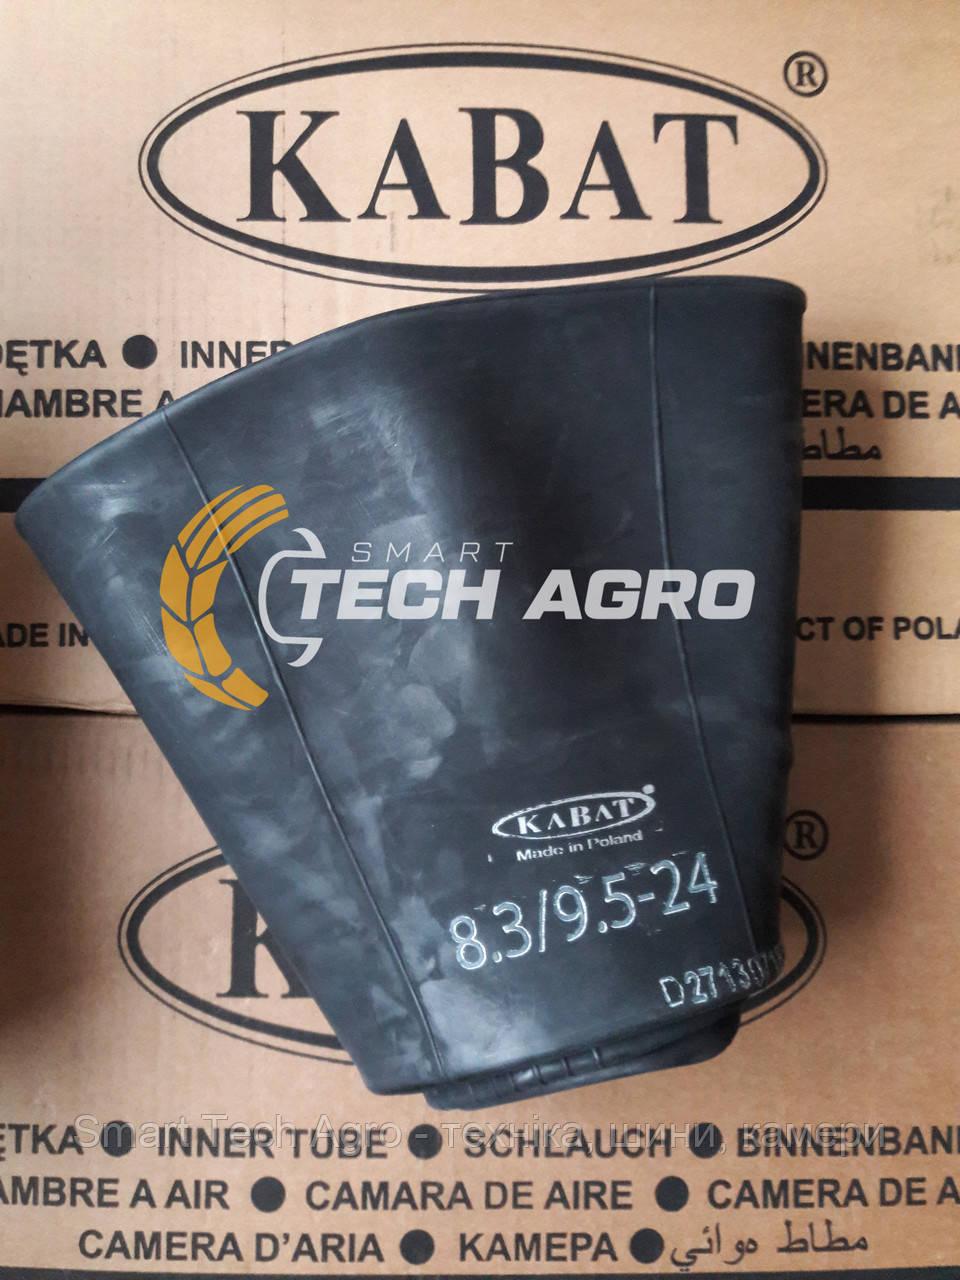 Камера  8.3/9.5 24 TR-218A Kabat для міні трактора, камера 24